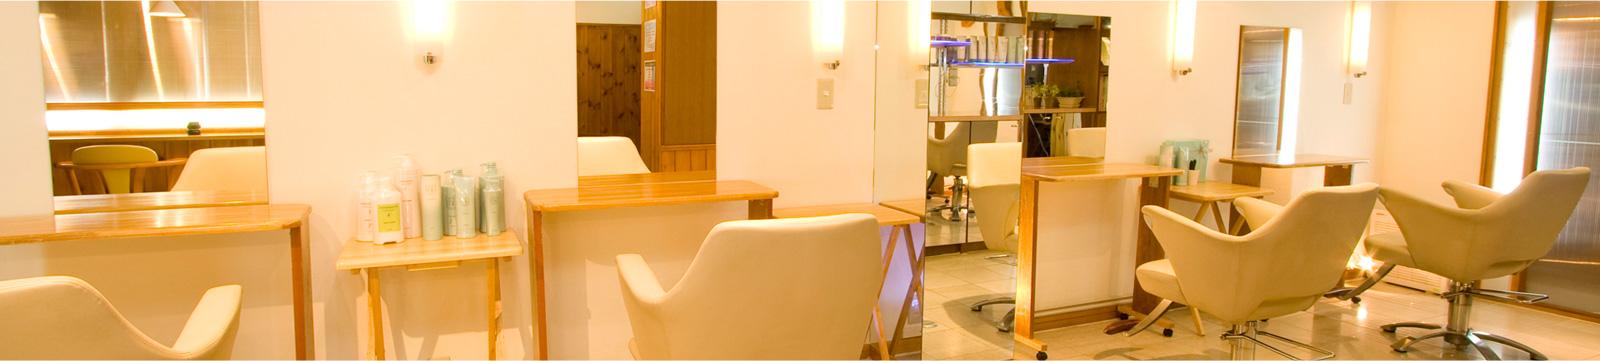 あなたが求めていた髪質・スタイル 癒しの空間を提供する美容院、美容室です。